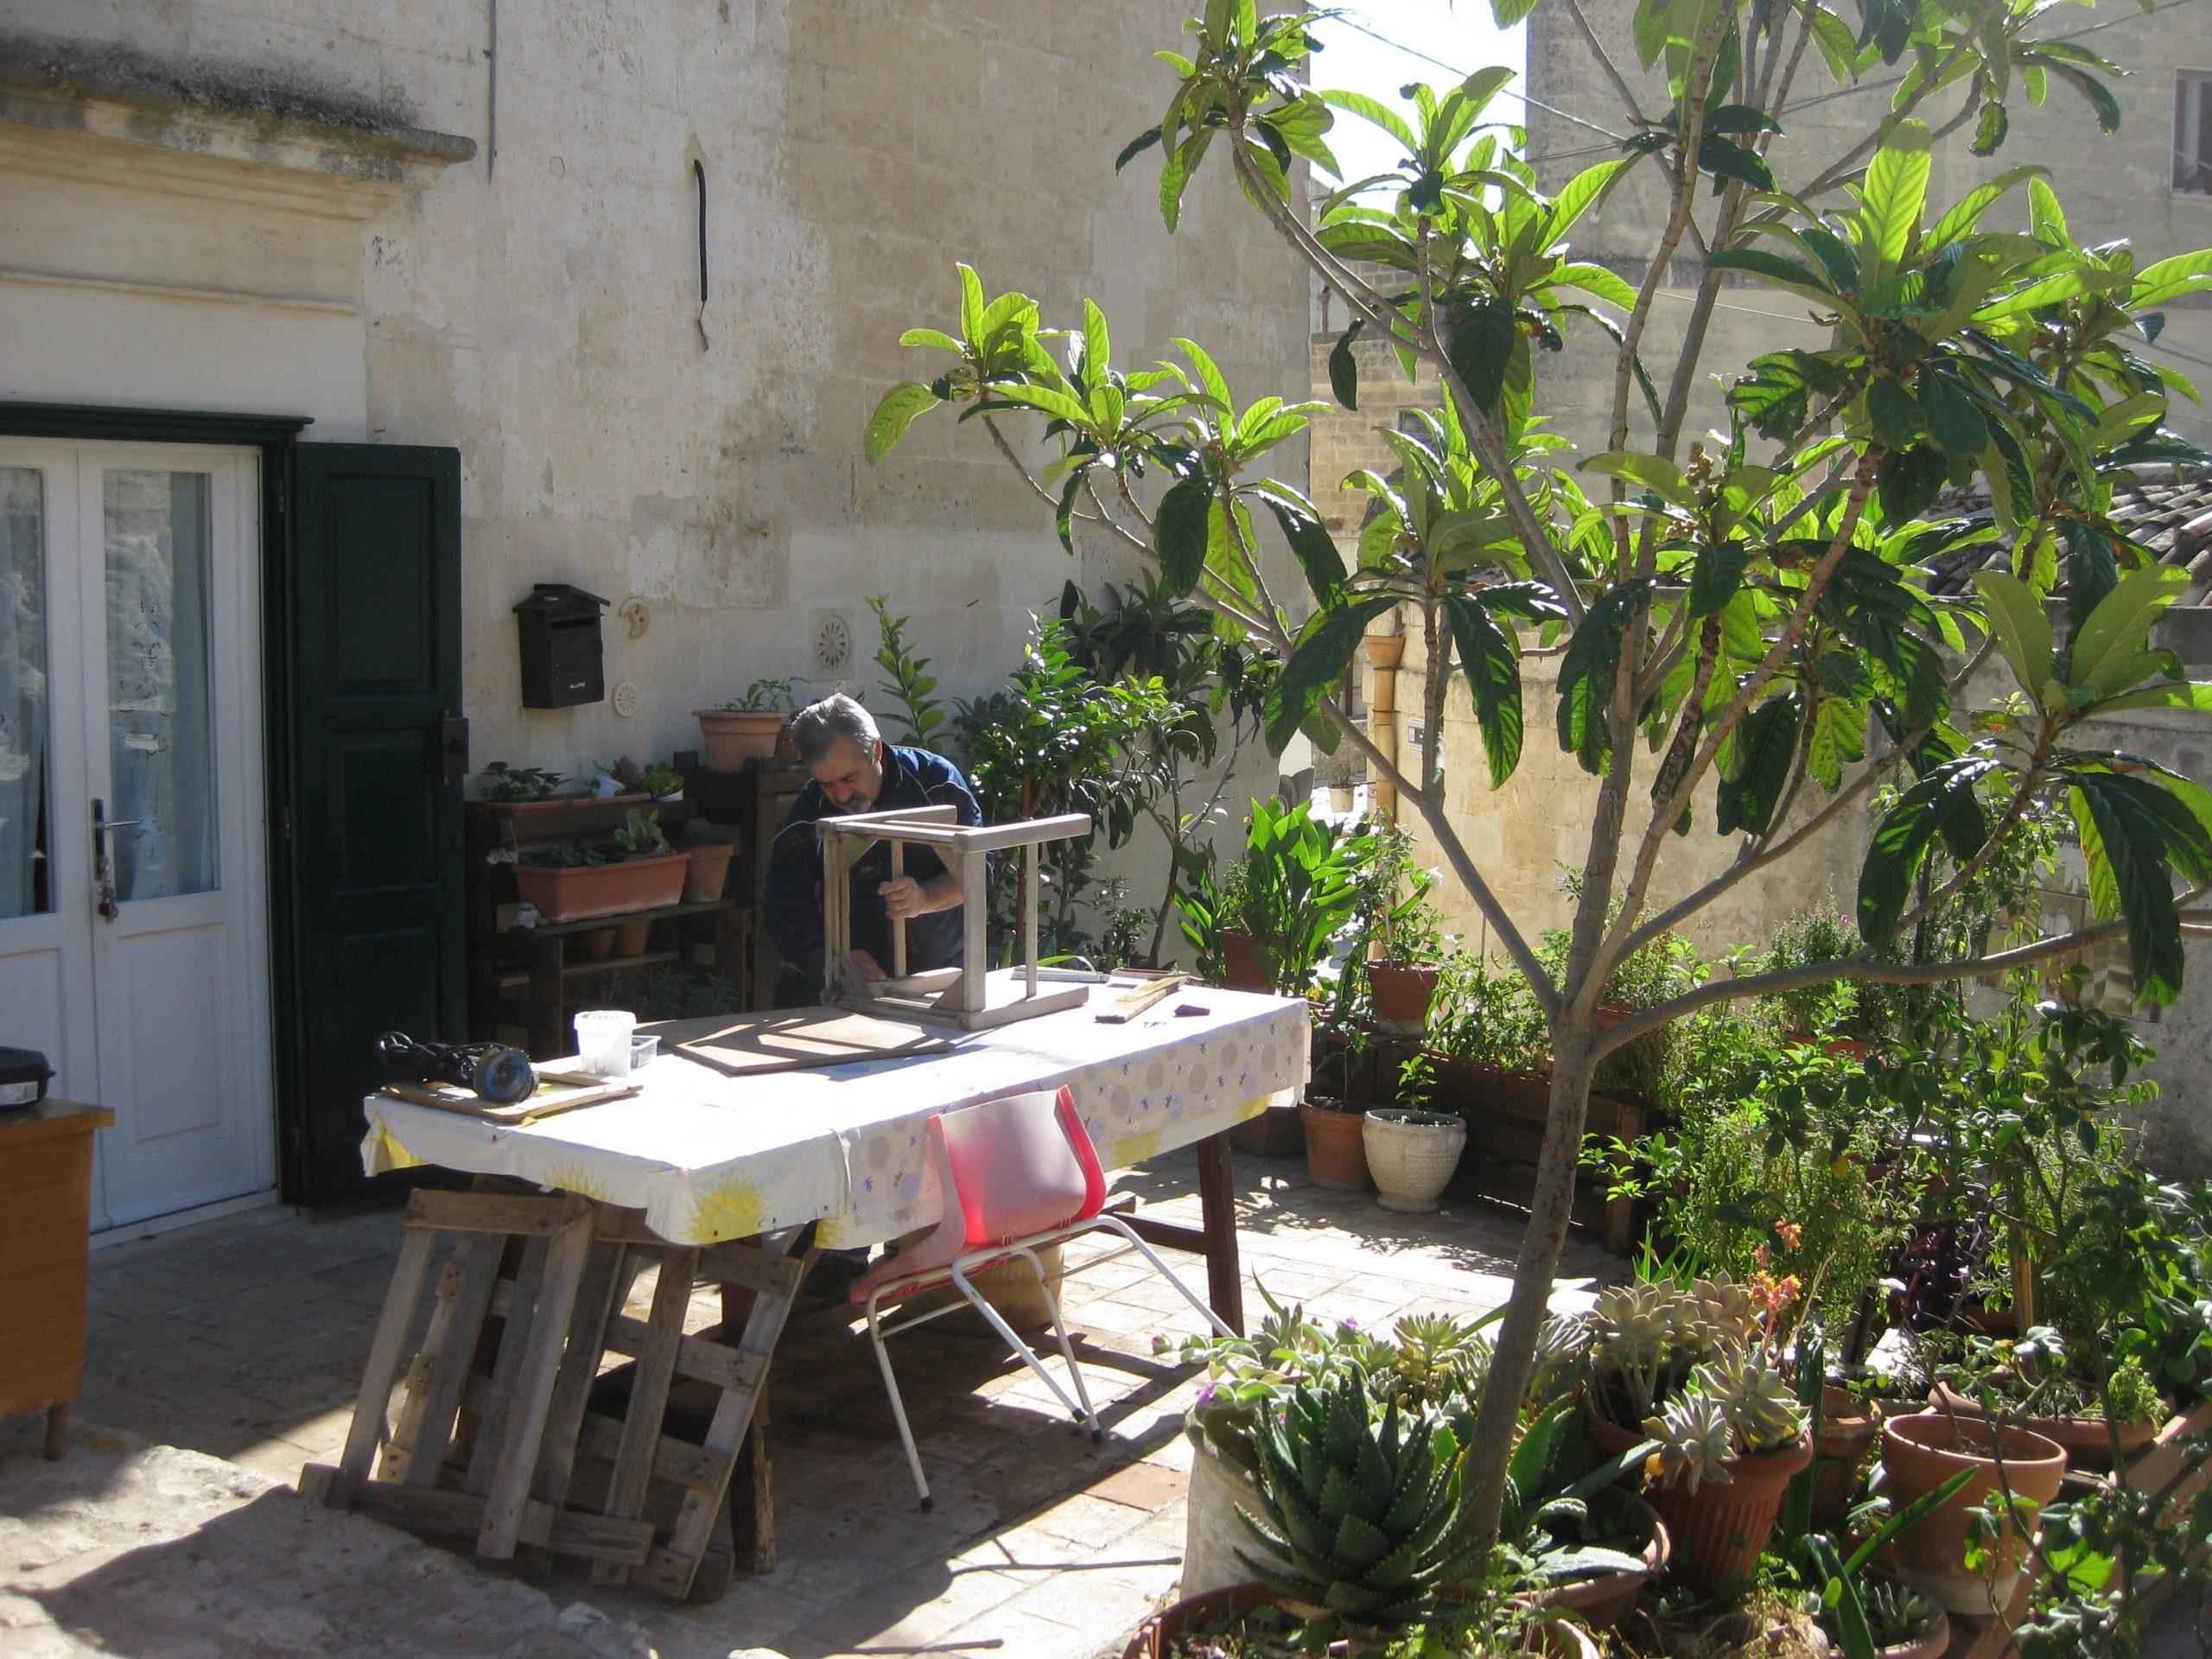 Visita Subito Matera. Artigianato locale.